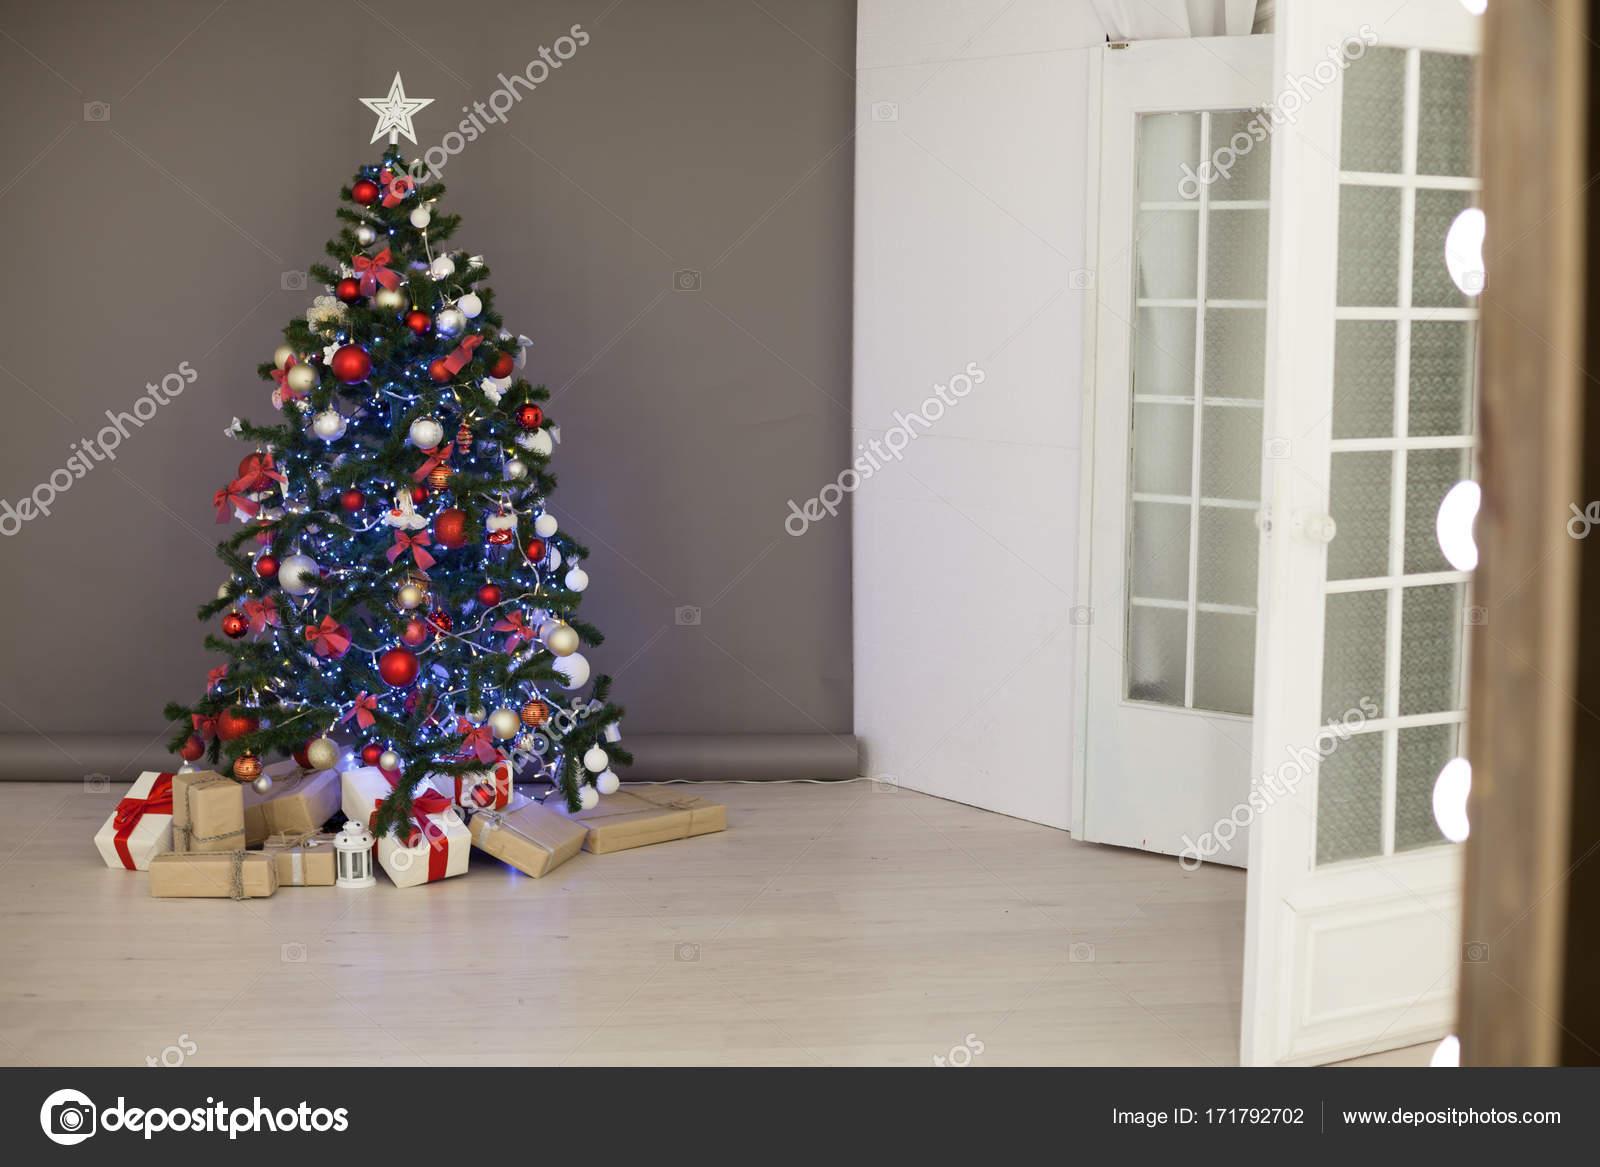 Weihnachtsdeko Geschenke.Weihnachtsdeko Weihnachtsbaum Geschenke Weihnachten Stockfoto